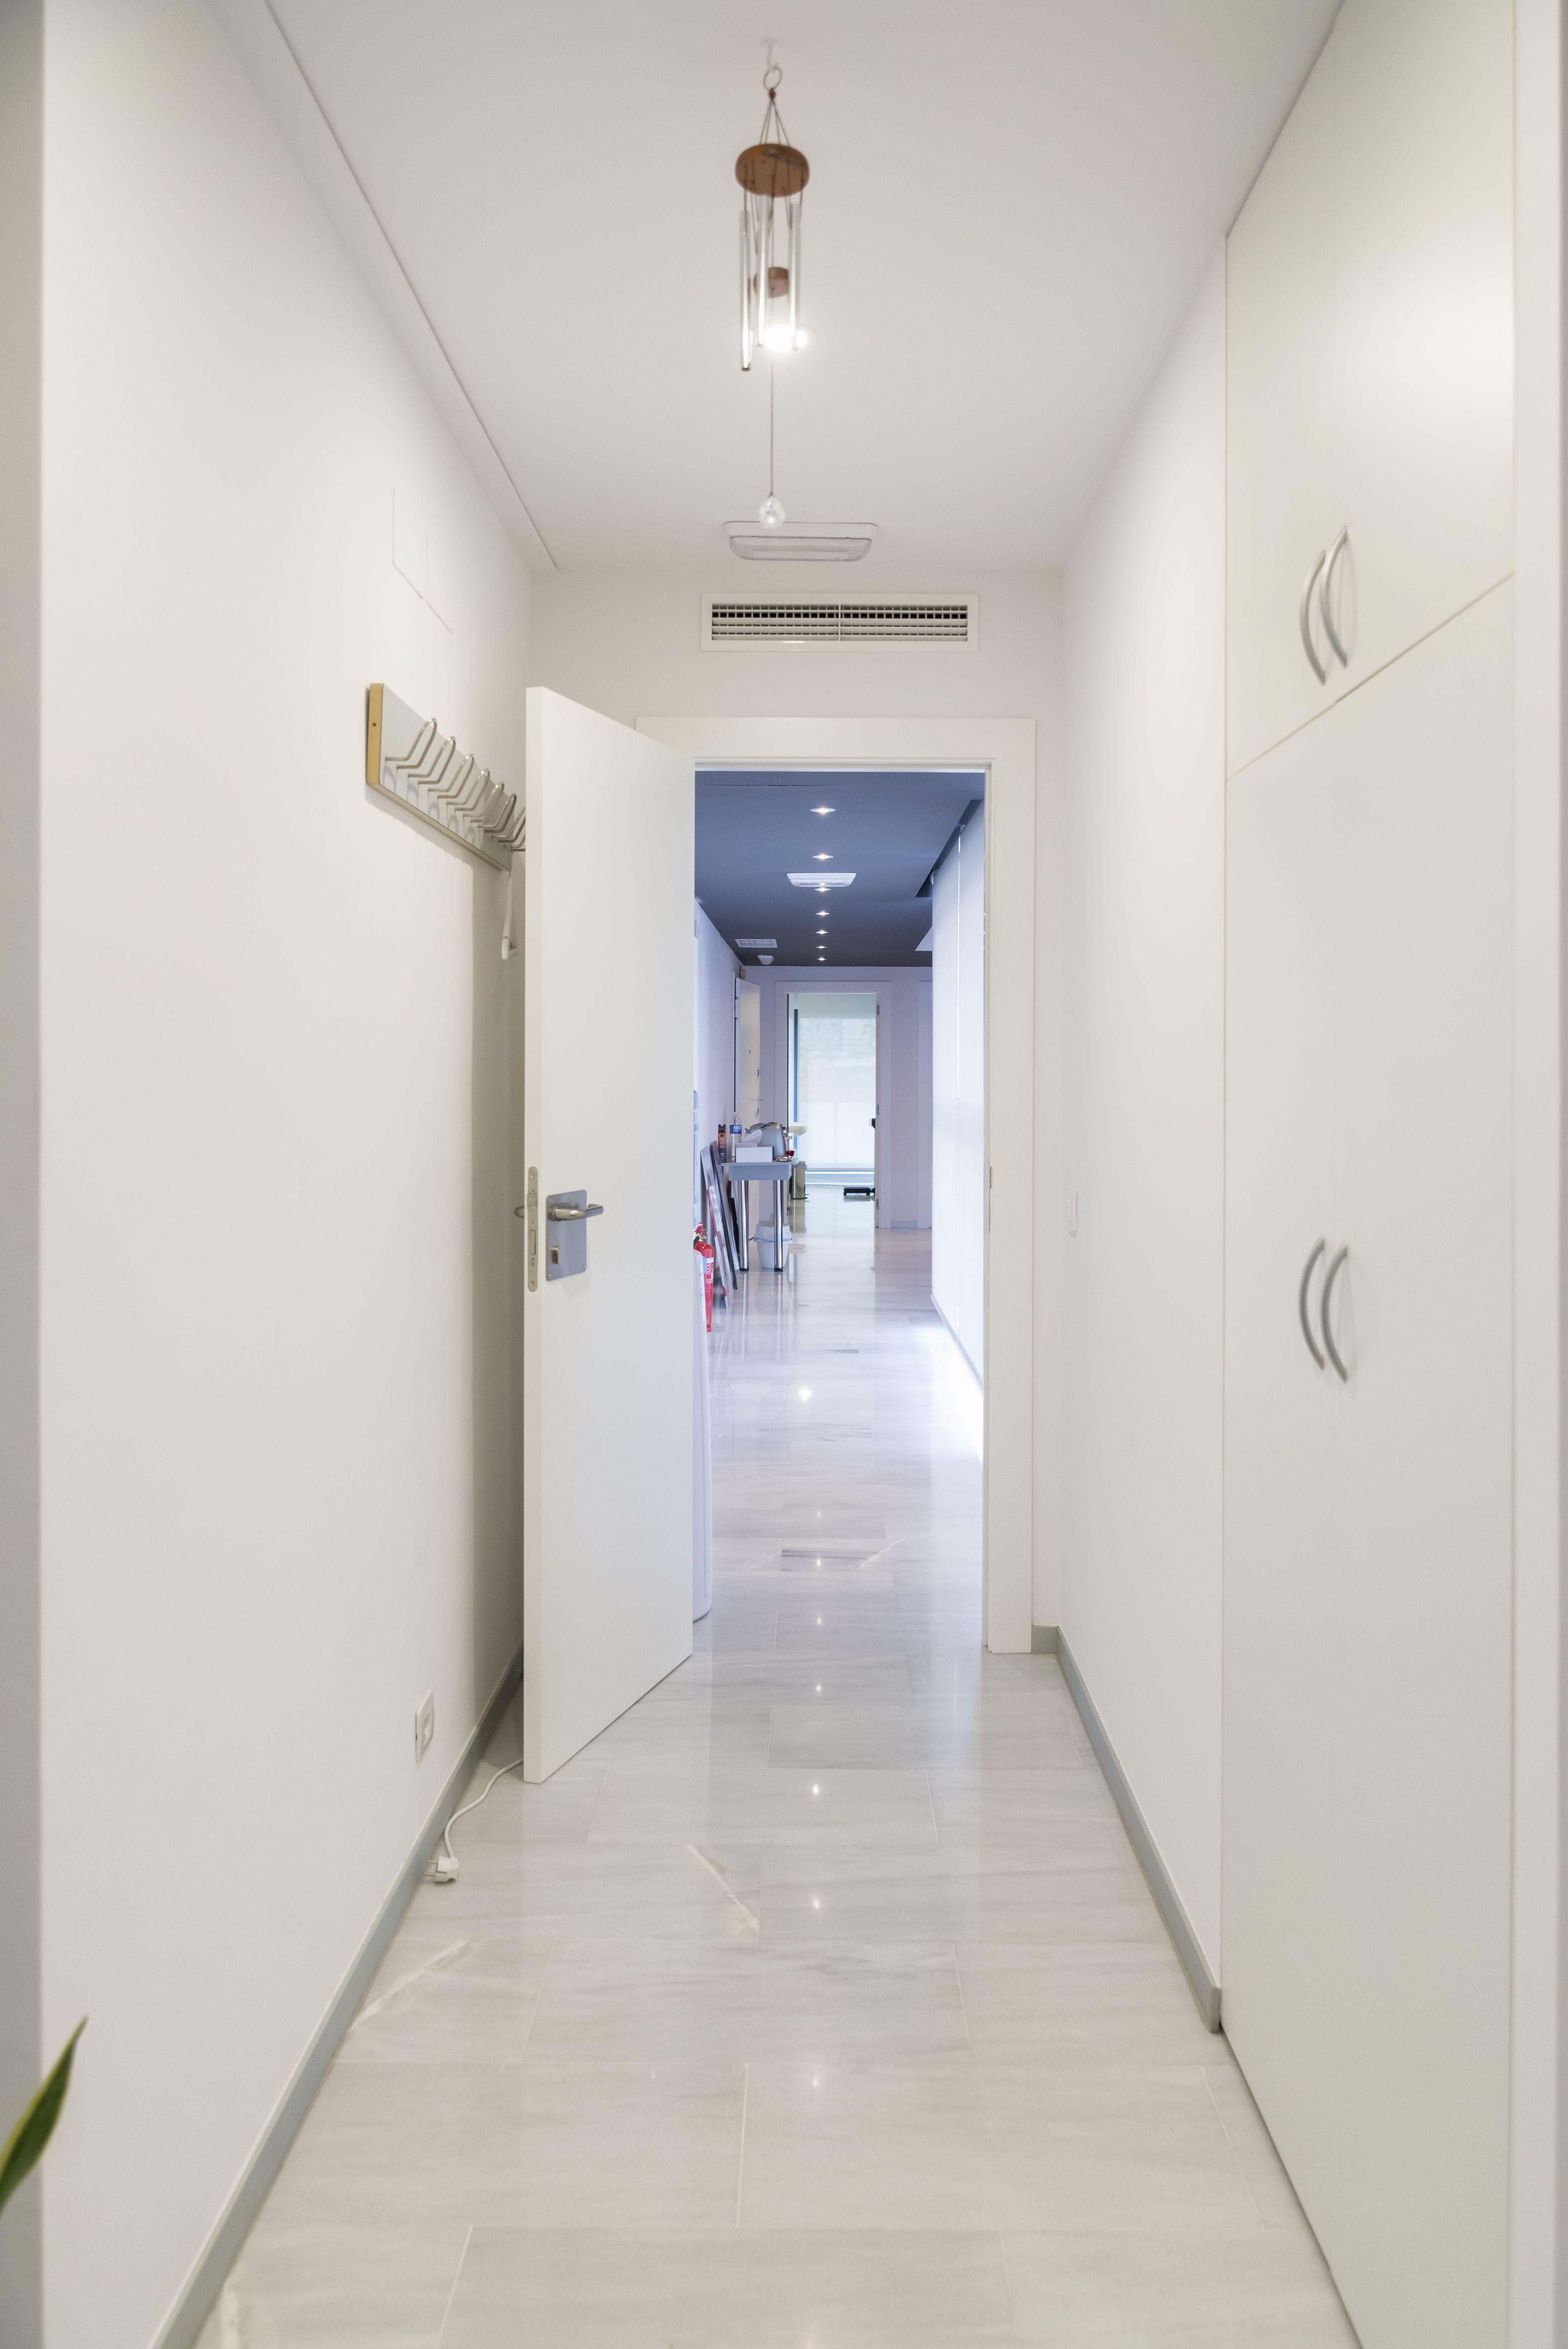 Foto 2 de Tratamientos medicoestéticos faciales y corporales con últimas tecnologías en Dénia | BA Clíniques - Denia